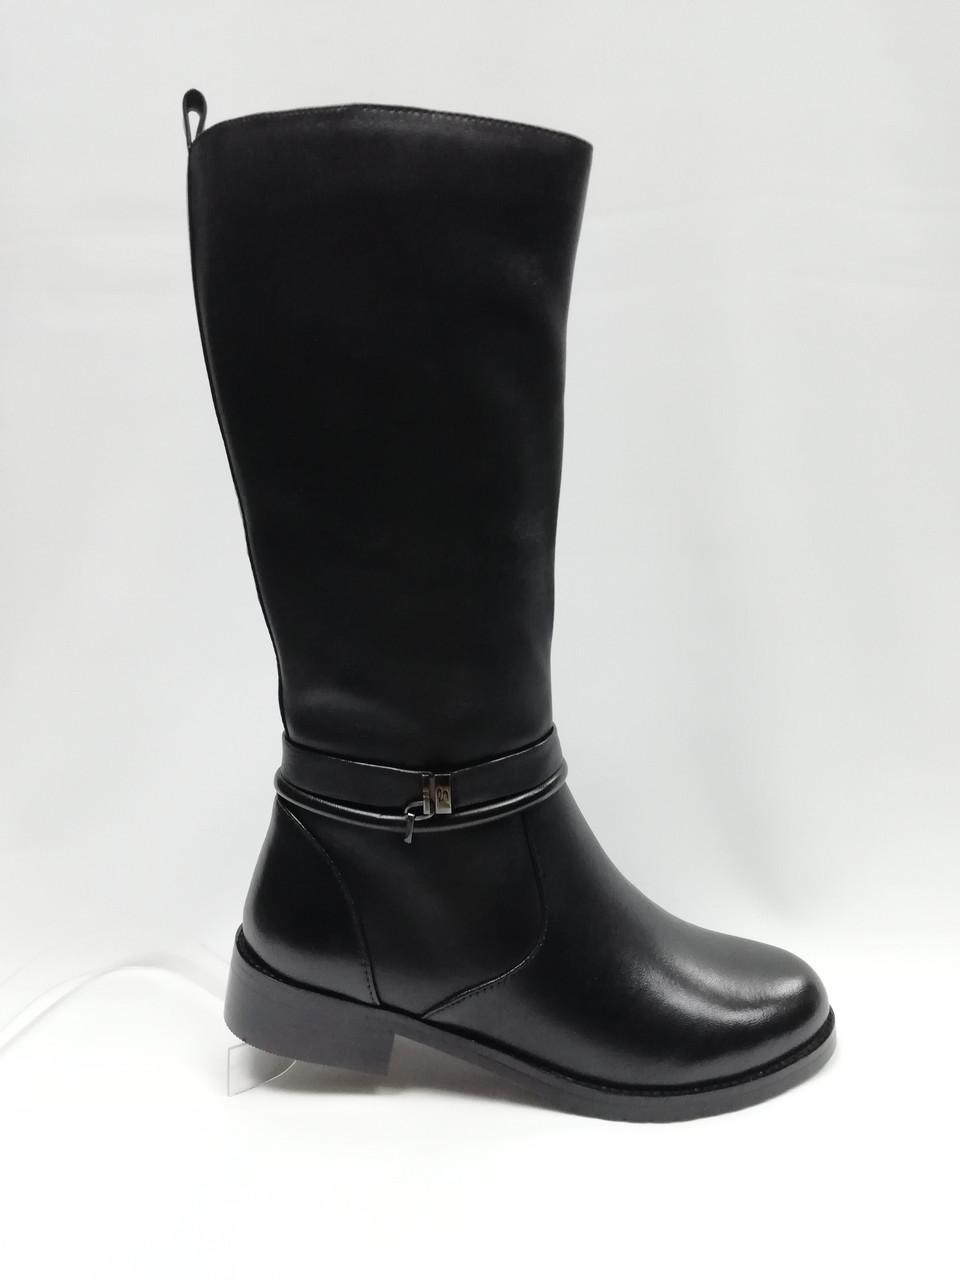 Черные кожаные зимние сапоги . Маленькие размеры (33 - 35).